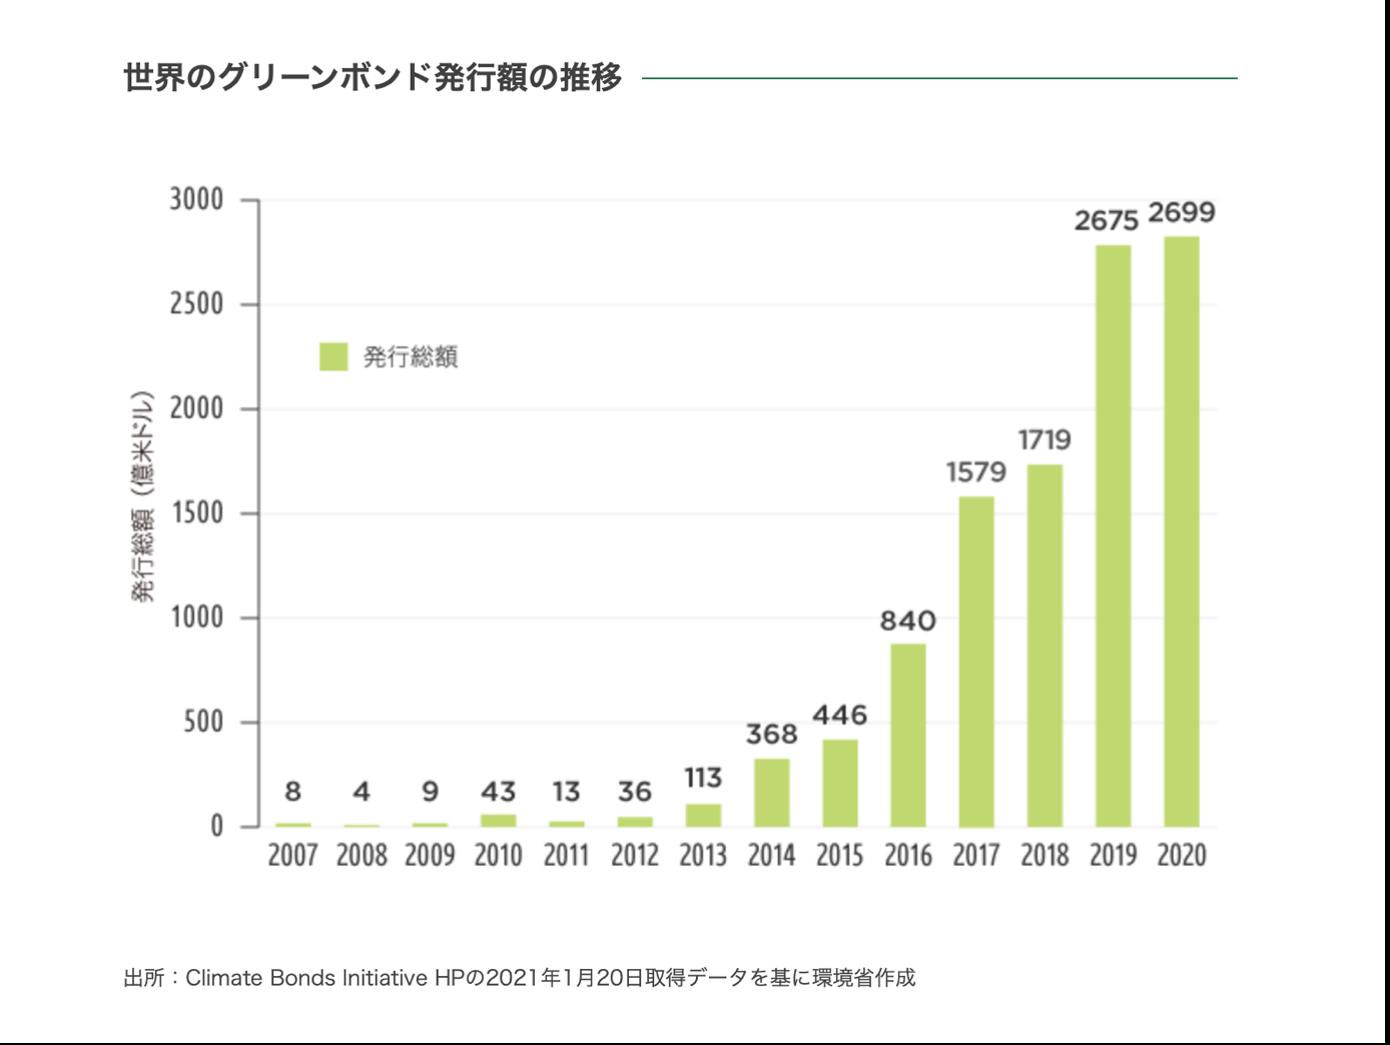 世界で拡大するグリーンボンド市場